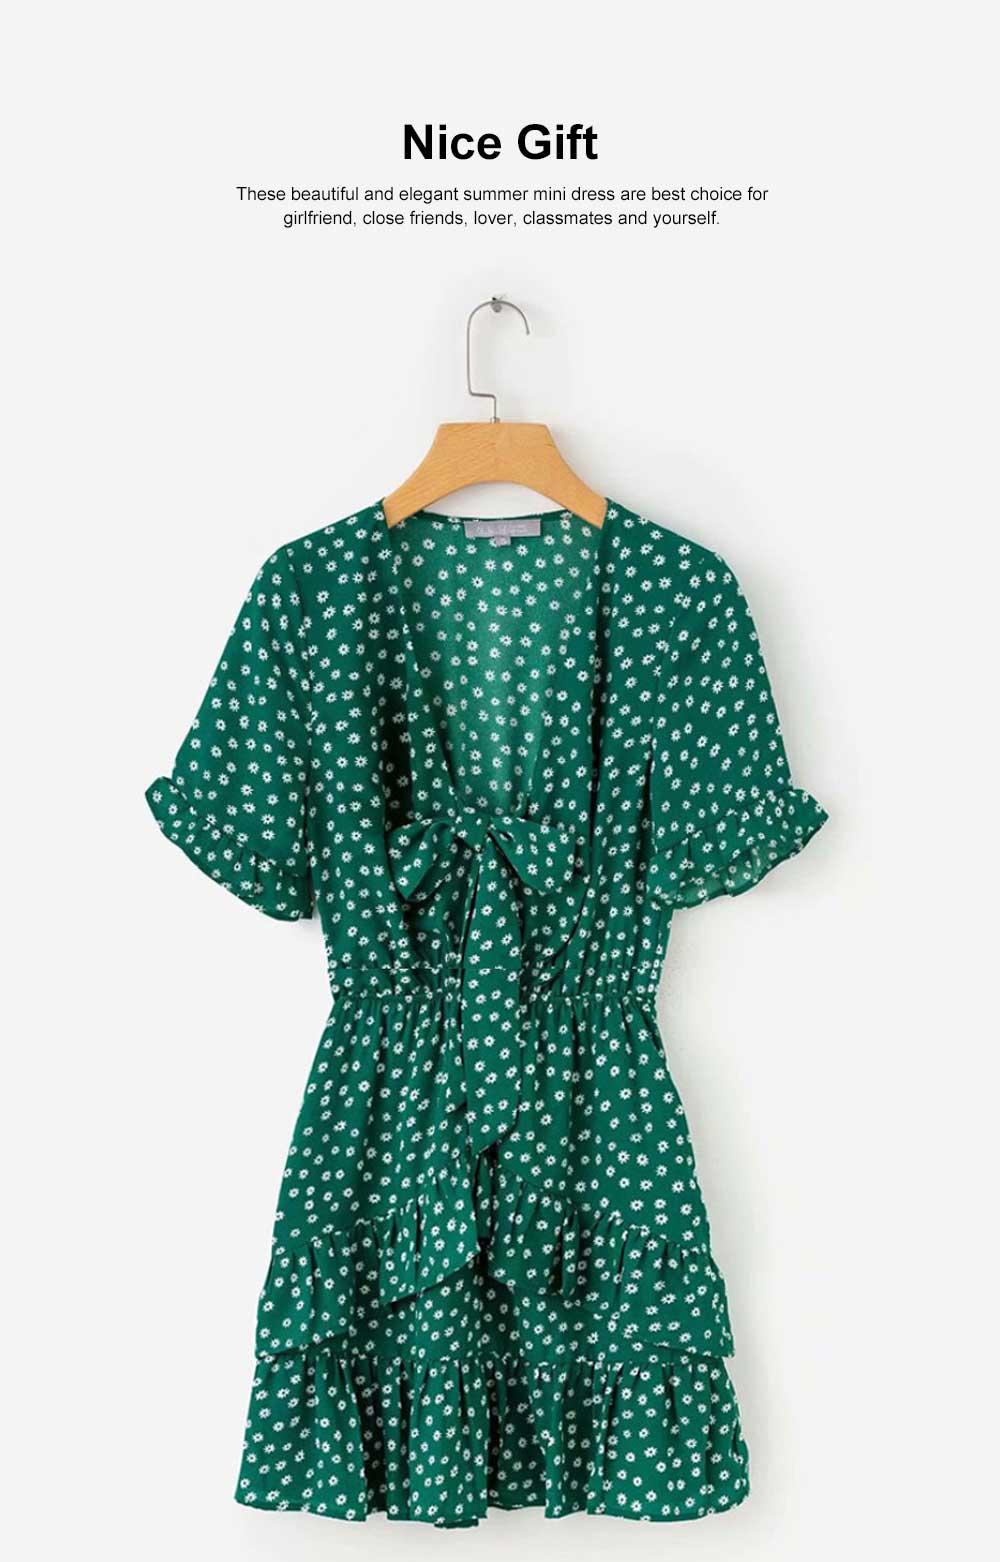 Women Summer Mini Dress, Ruffle Sleeve Floral Print V-neck Dress, High Waisted A Line Beach Dresses for Women 1